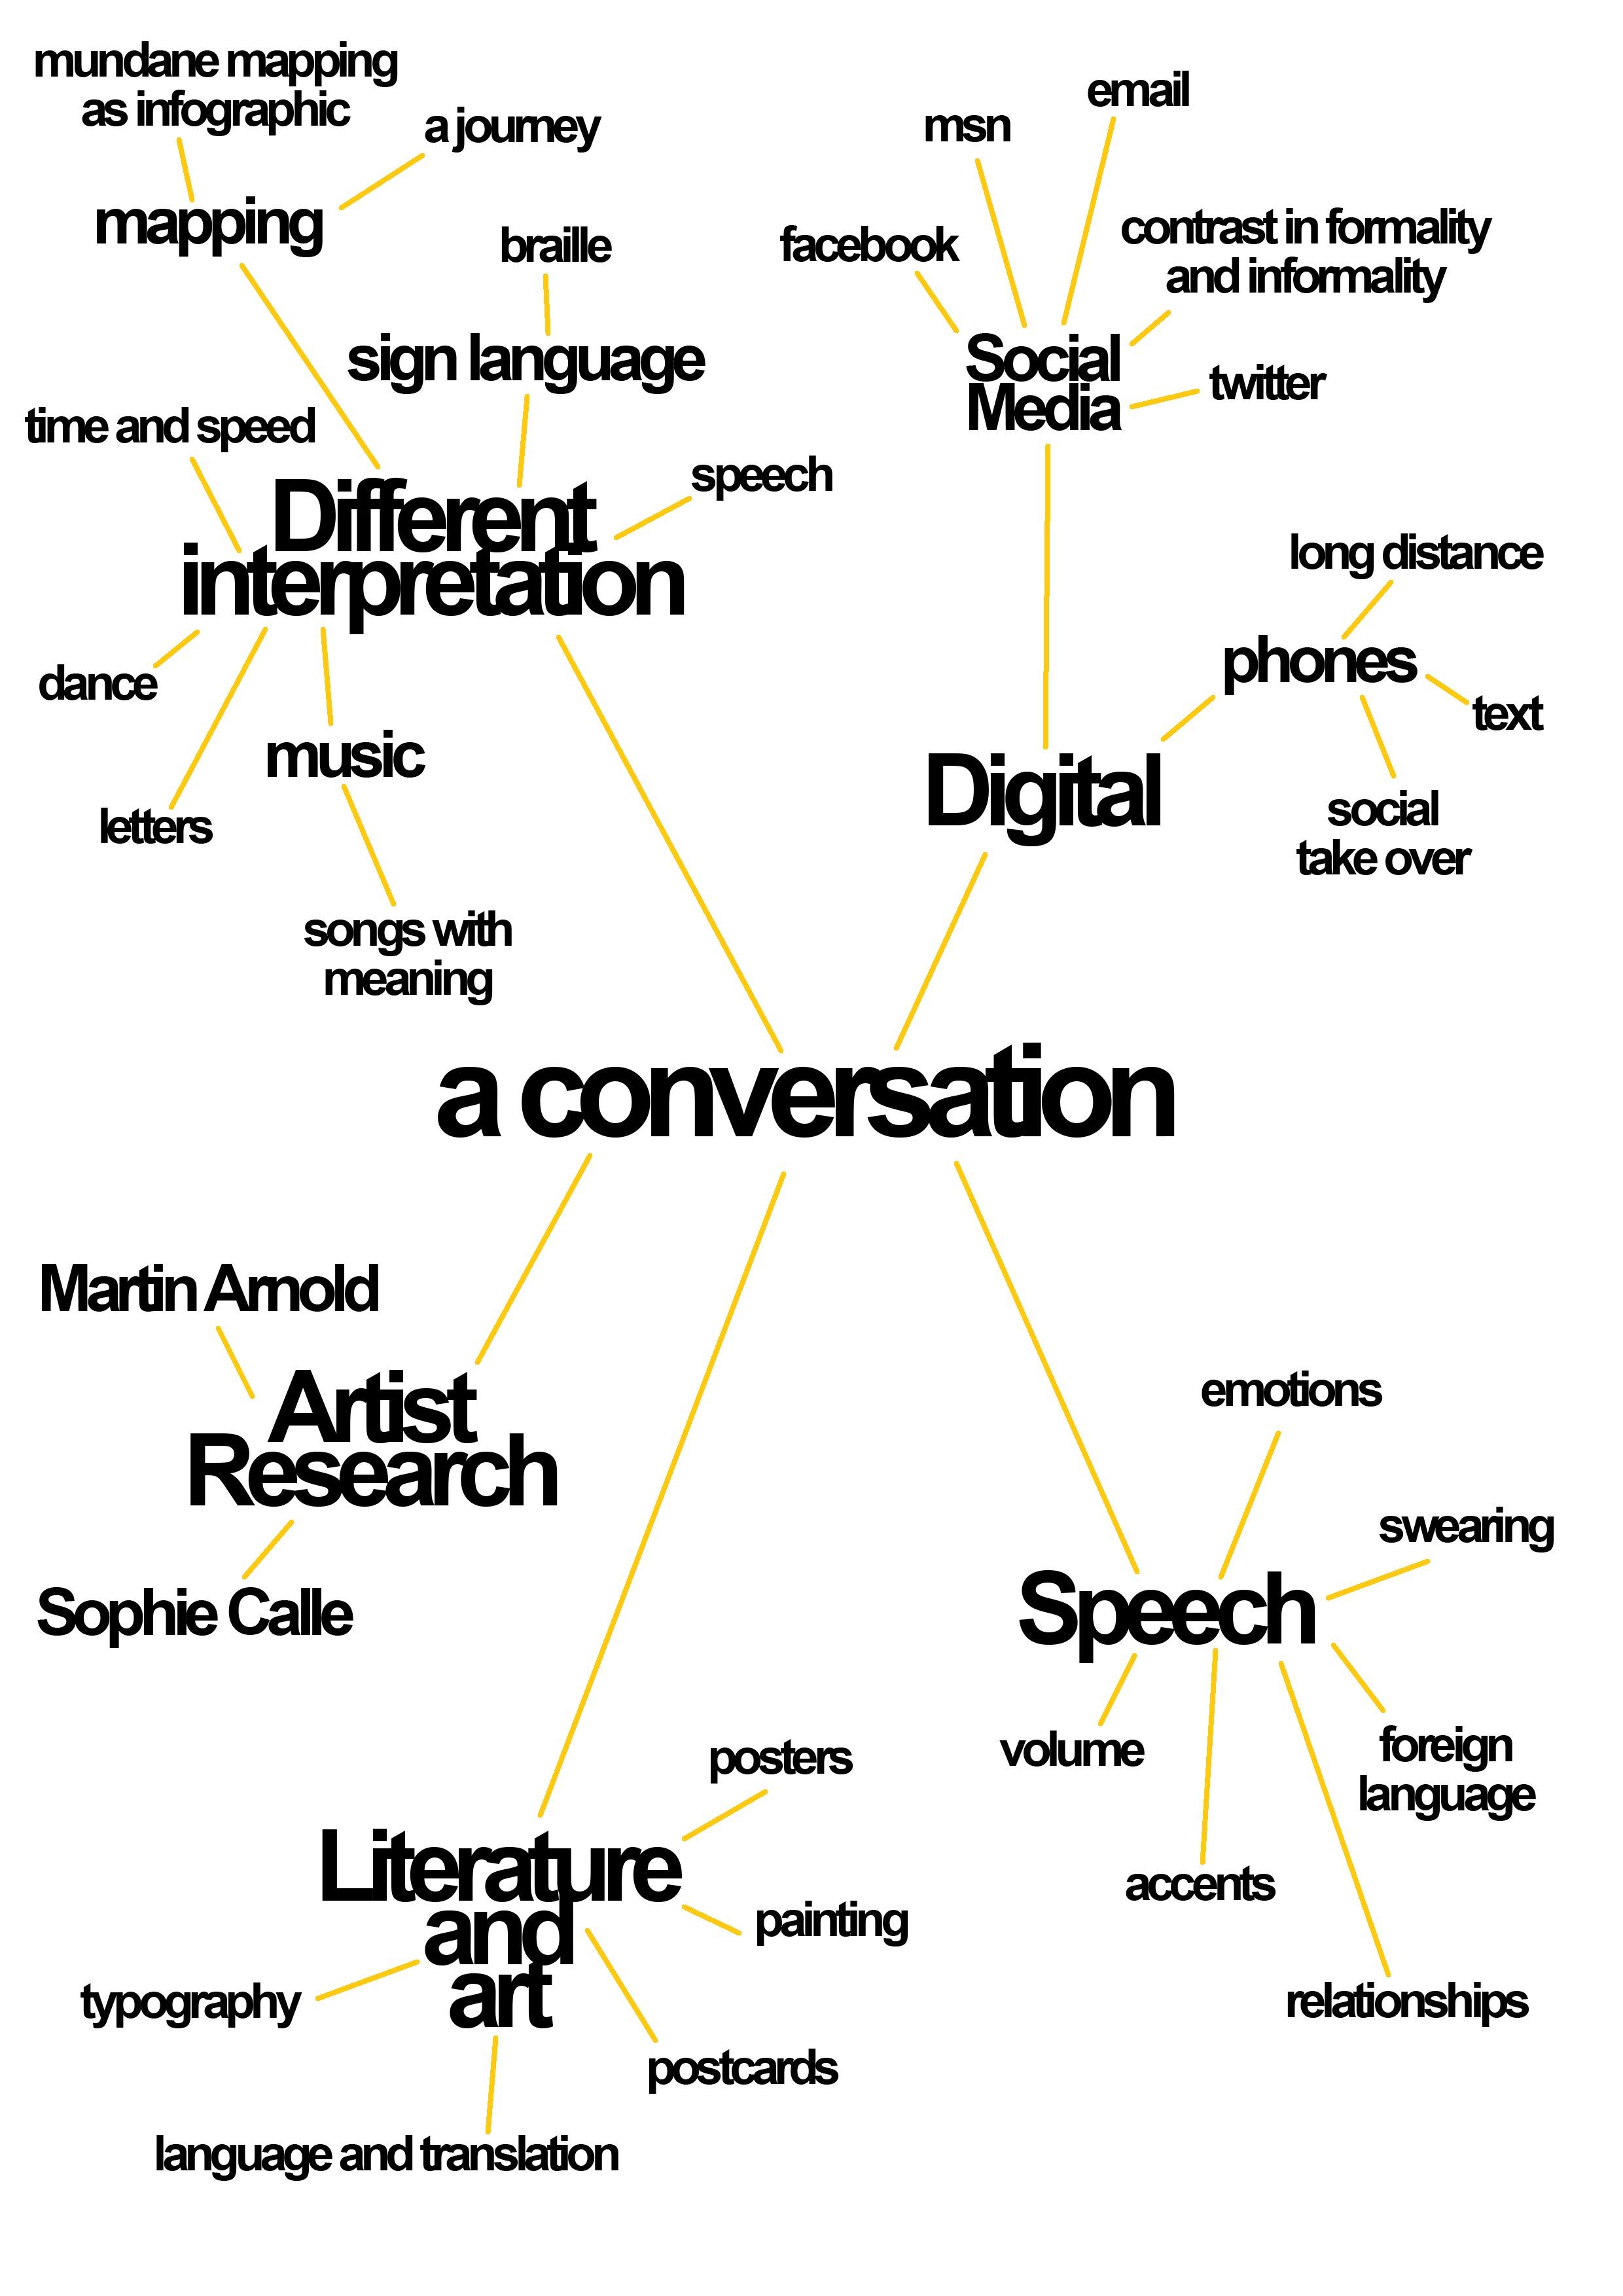 A Conversation